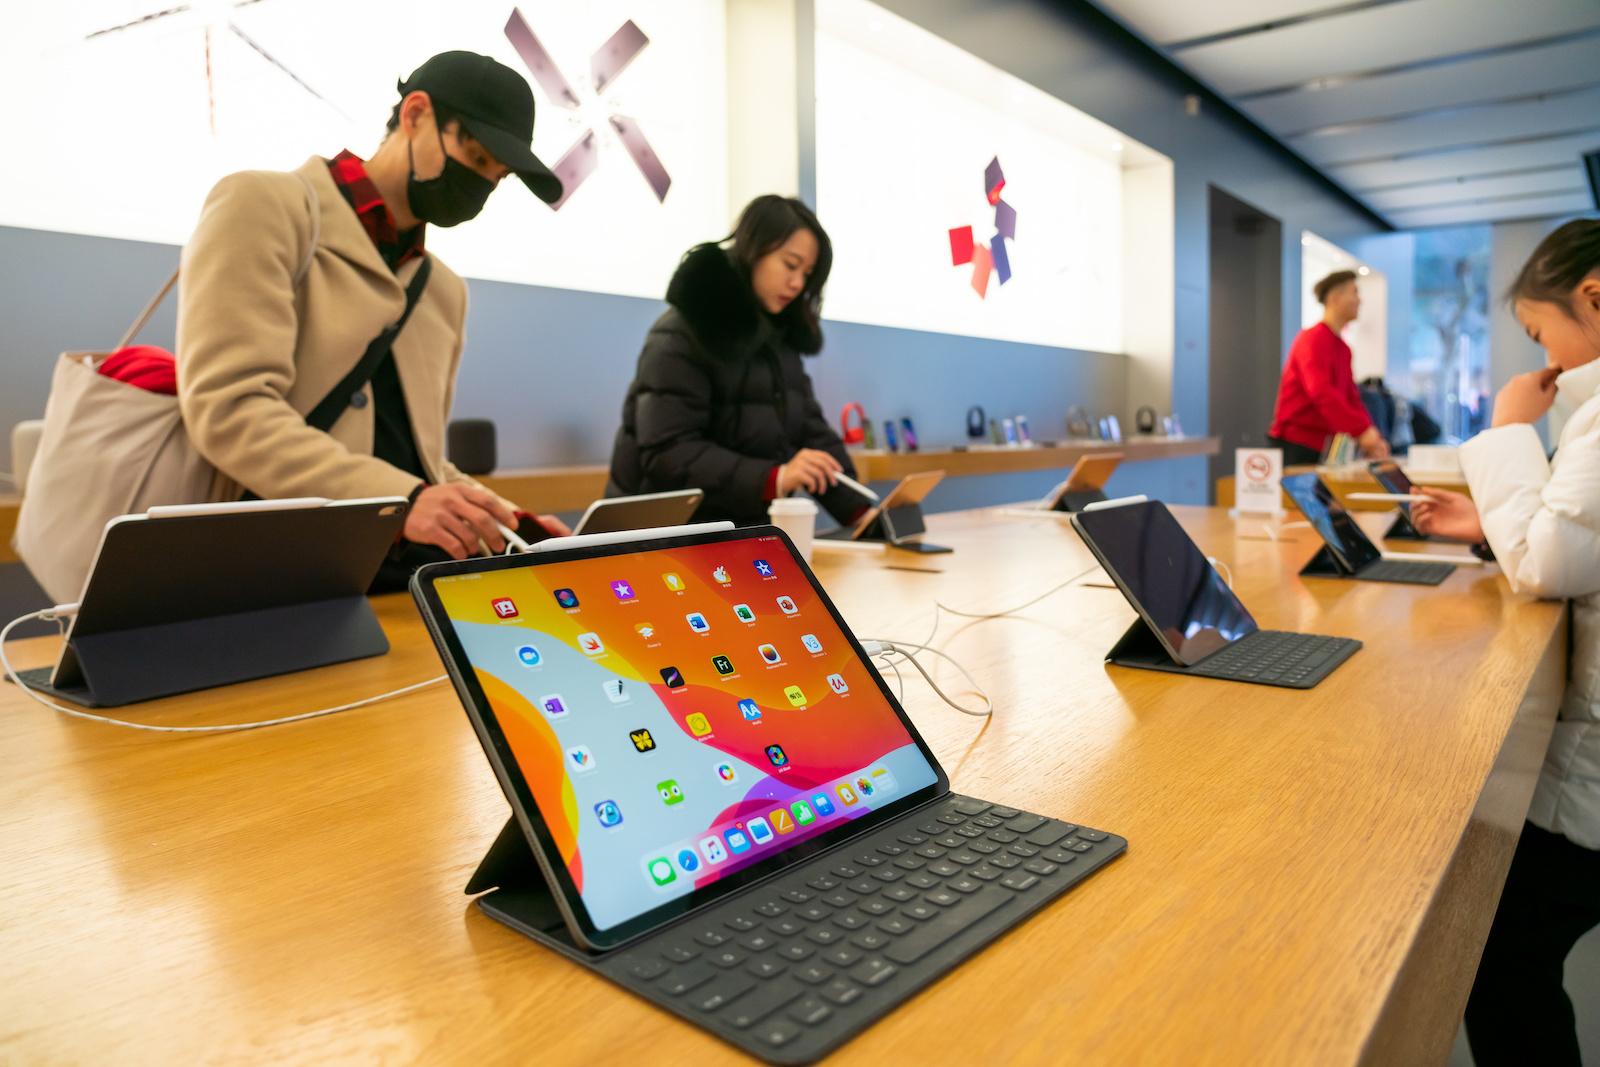 中國上海-2020/01/12:客戶在上海的Apple零售店欣賞iPad Pro產品。  (Alex Tai / SOPA Images / LightRocket通過Getty Images拍攝的照片)